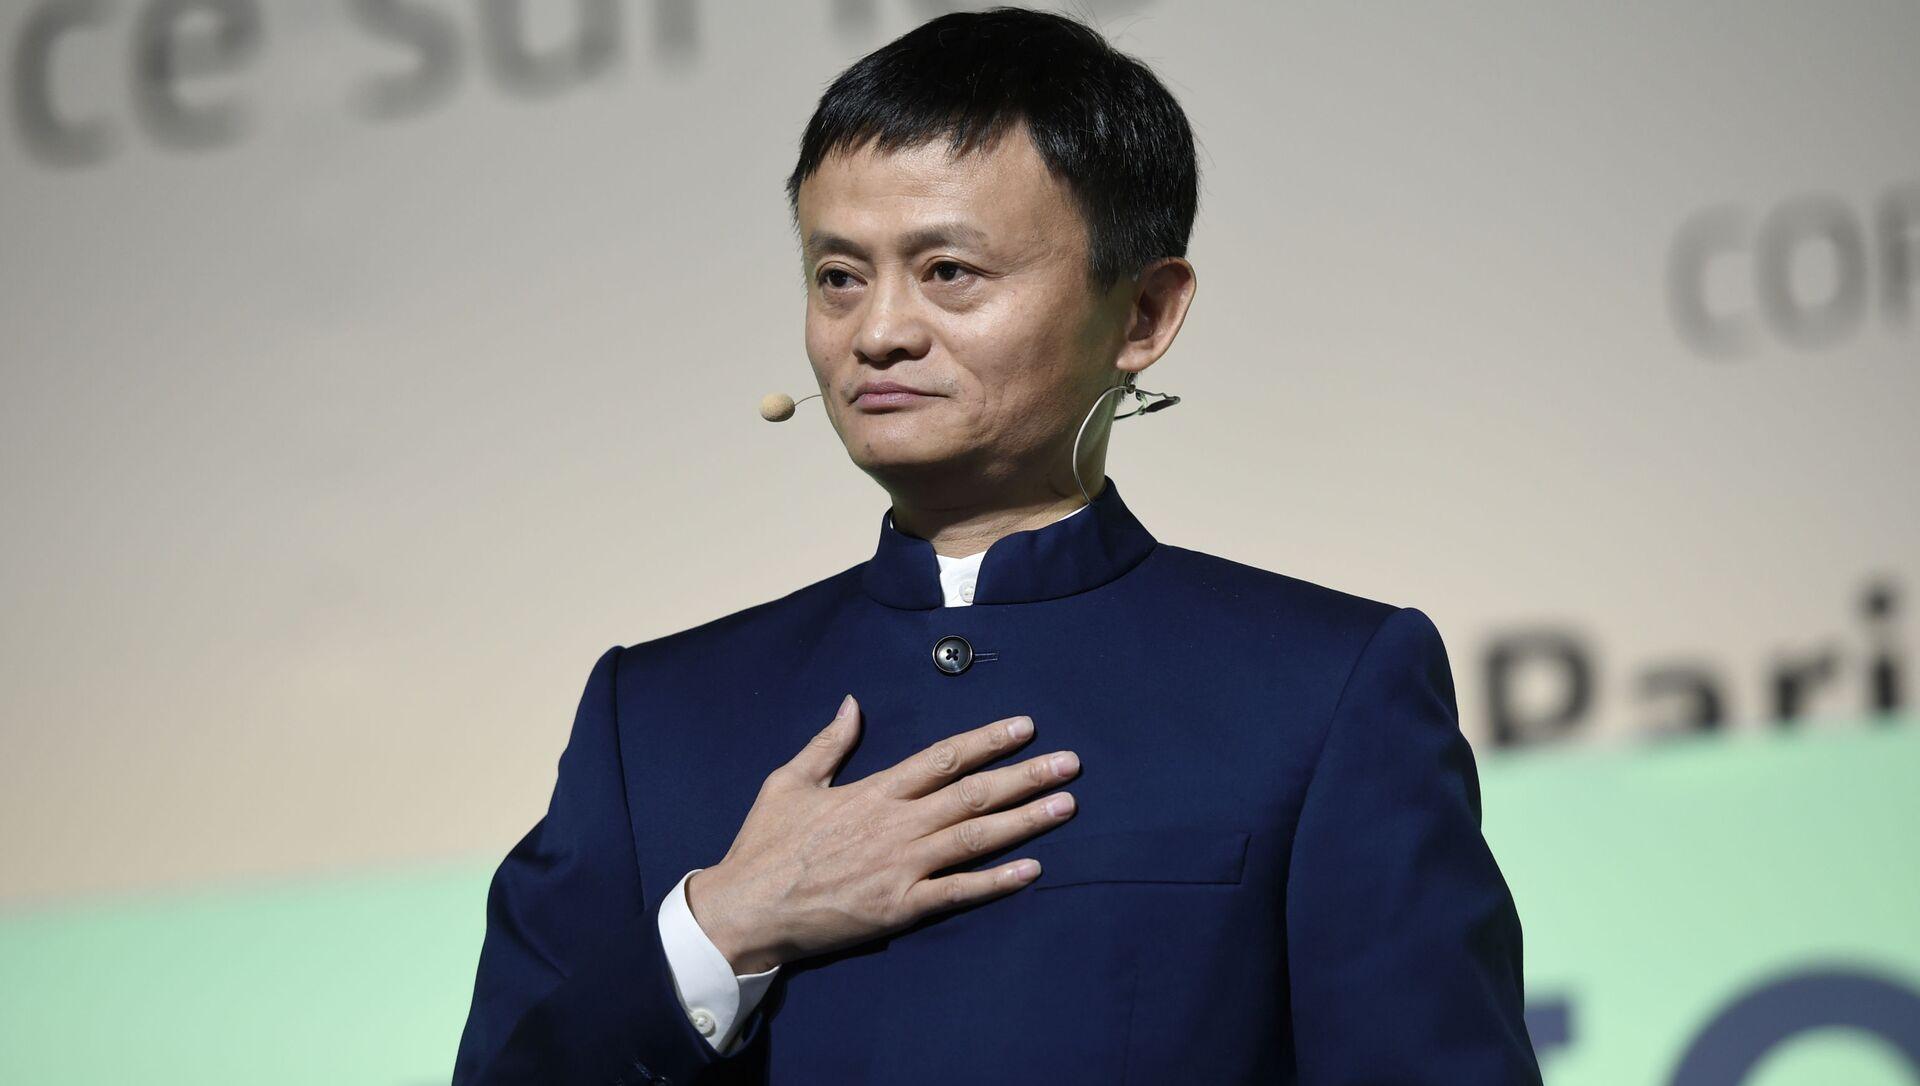 Jack Ma. Čínský podnikatel a filantrop - Sputnik Česká republika, 1920, 24.01.2019